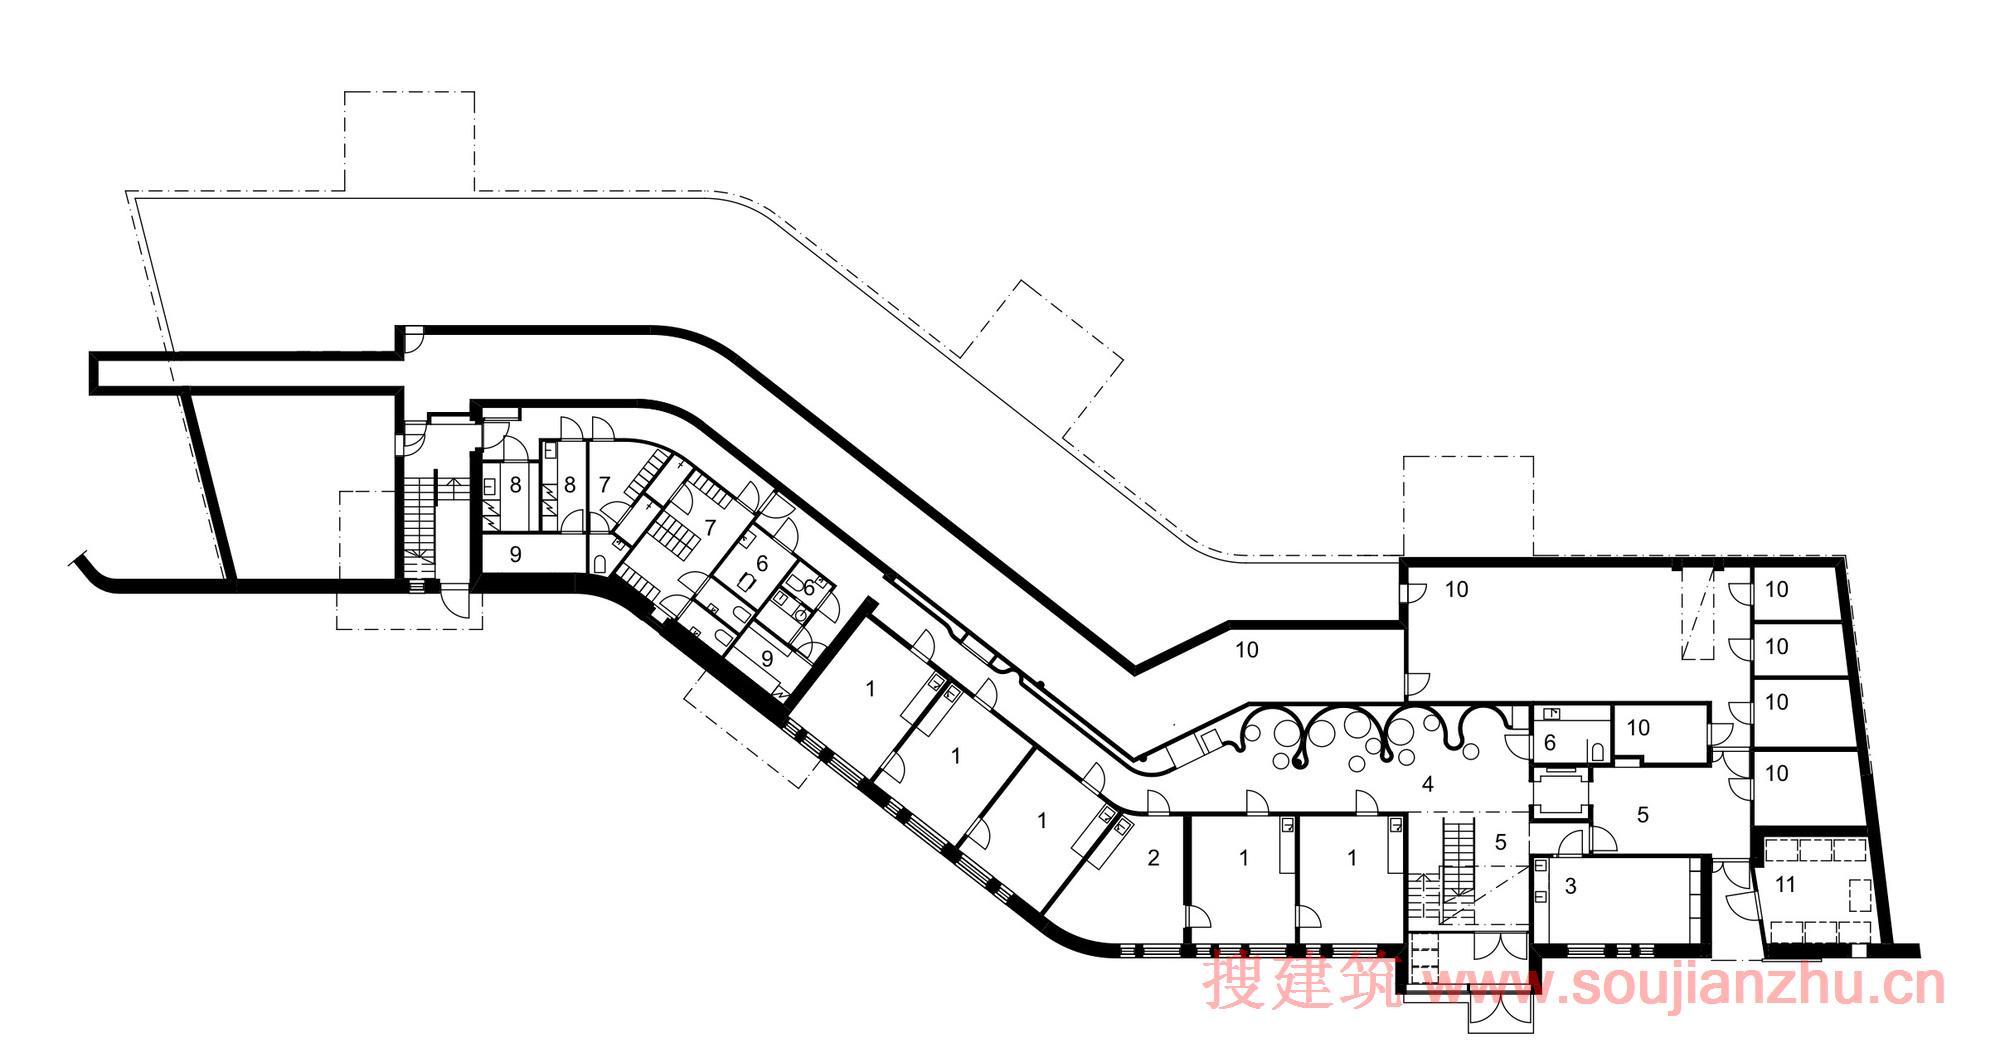 建筑的主体结构使用混凝土